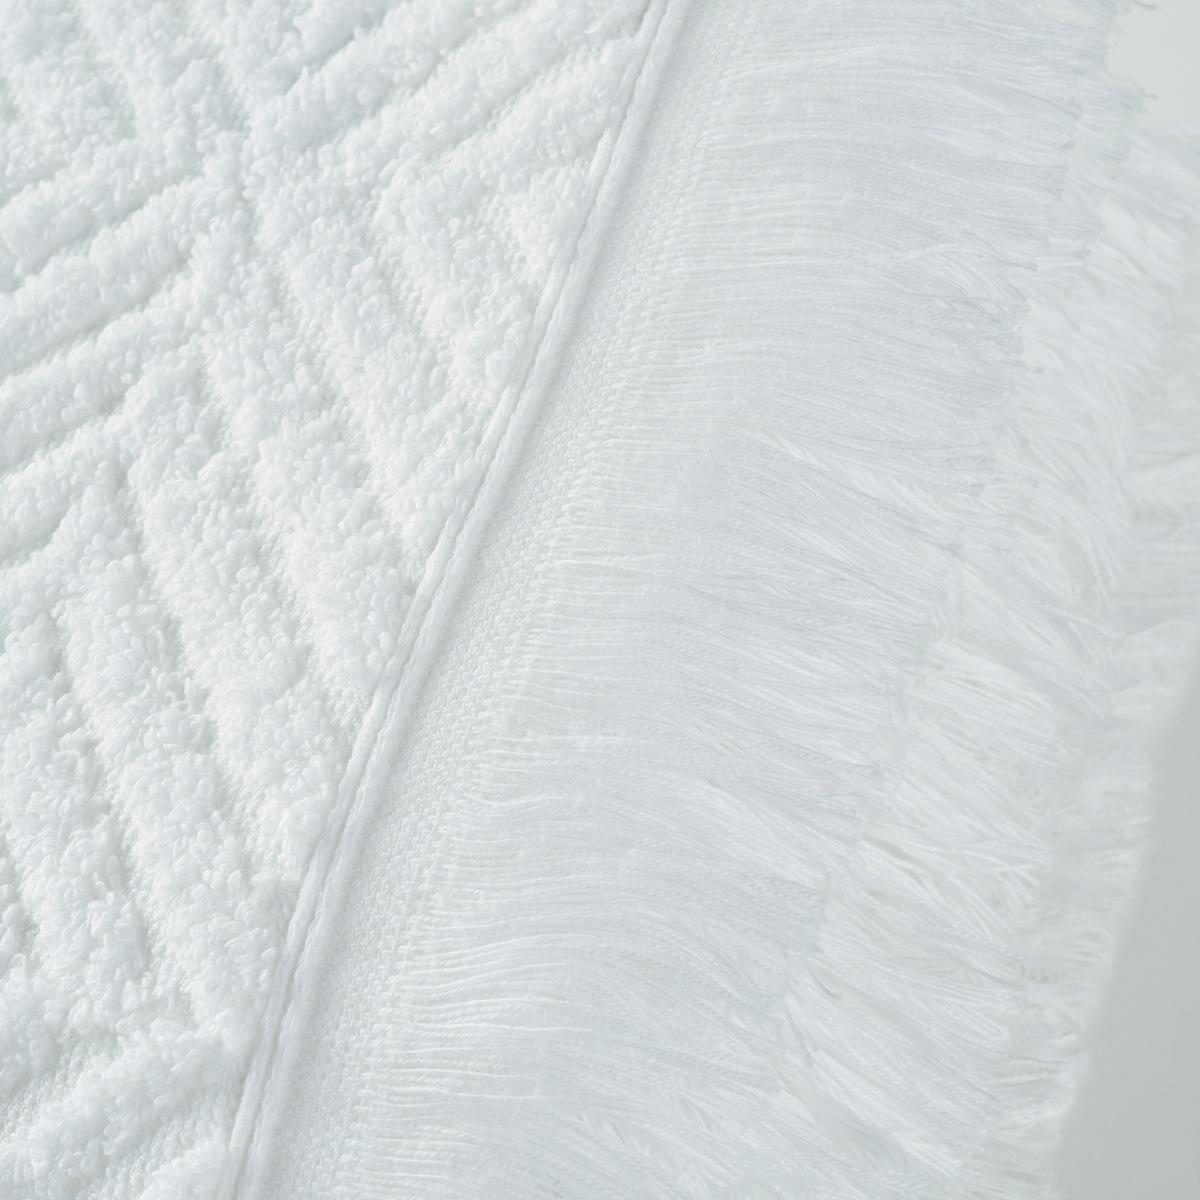 Полотенце махровое банное большое (450 г/м²), шеврон